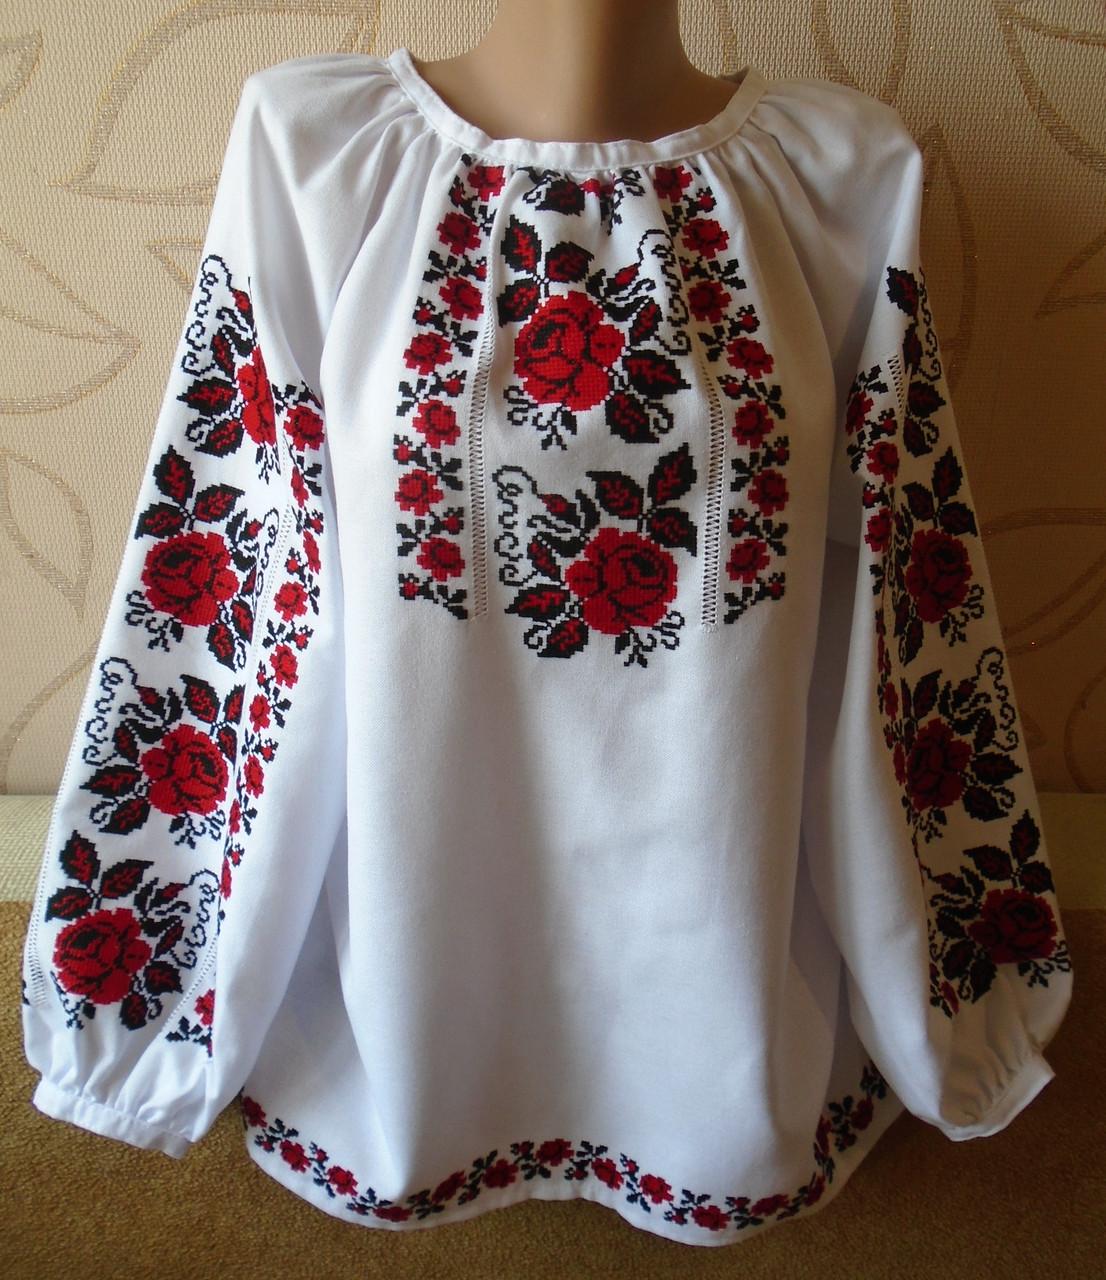 Жіноча сорочка-вишивака з довгим рукавом на білому домотканому полотні  ручна робота розмір M 7aea51b8872c3